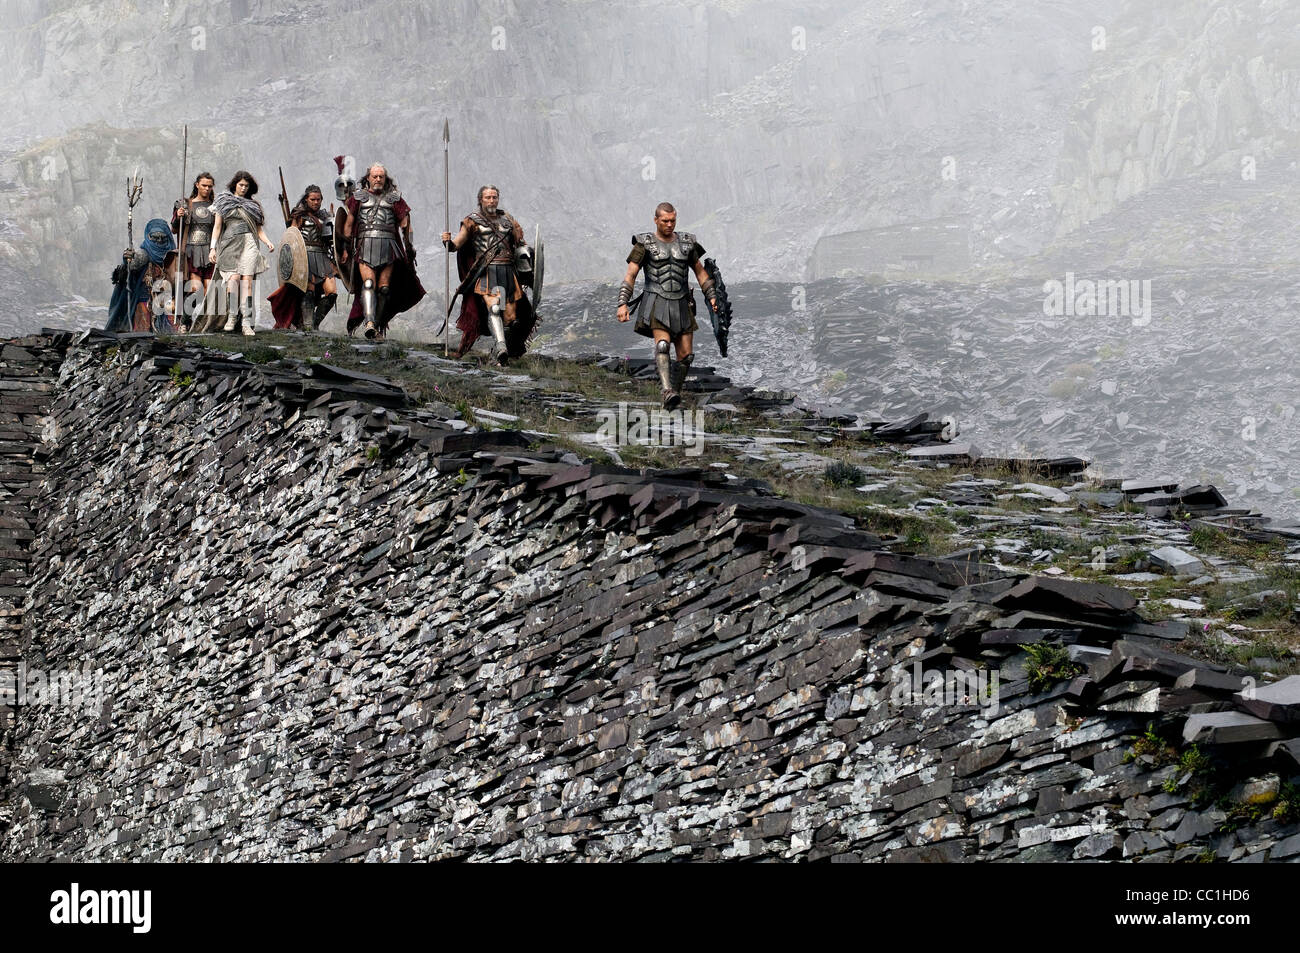 SAM WORTHINGTON CLASH OF THE TITANS (2010) - Stock Image